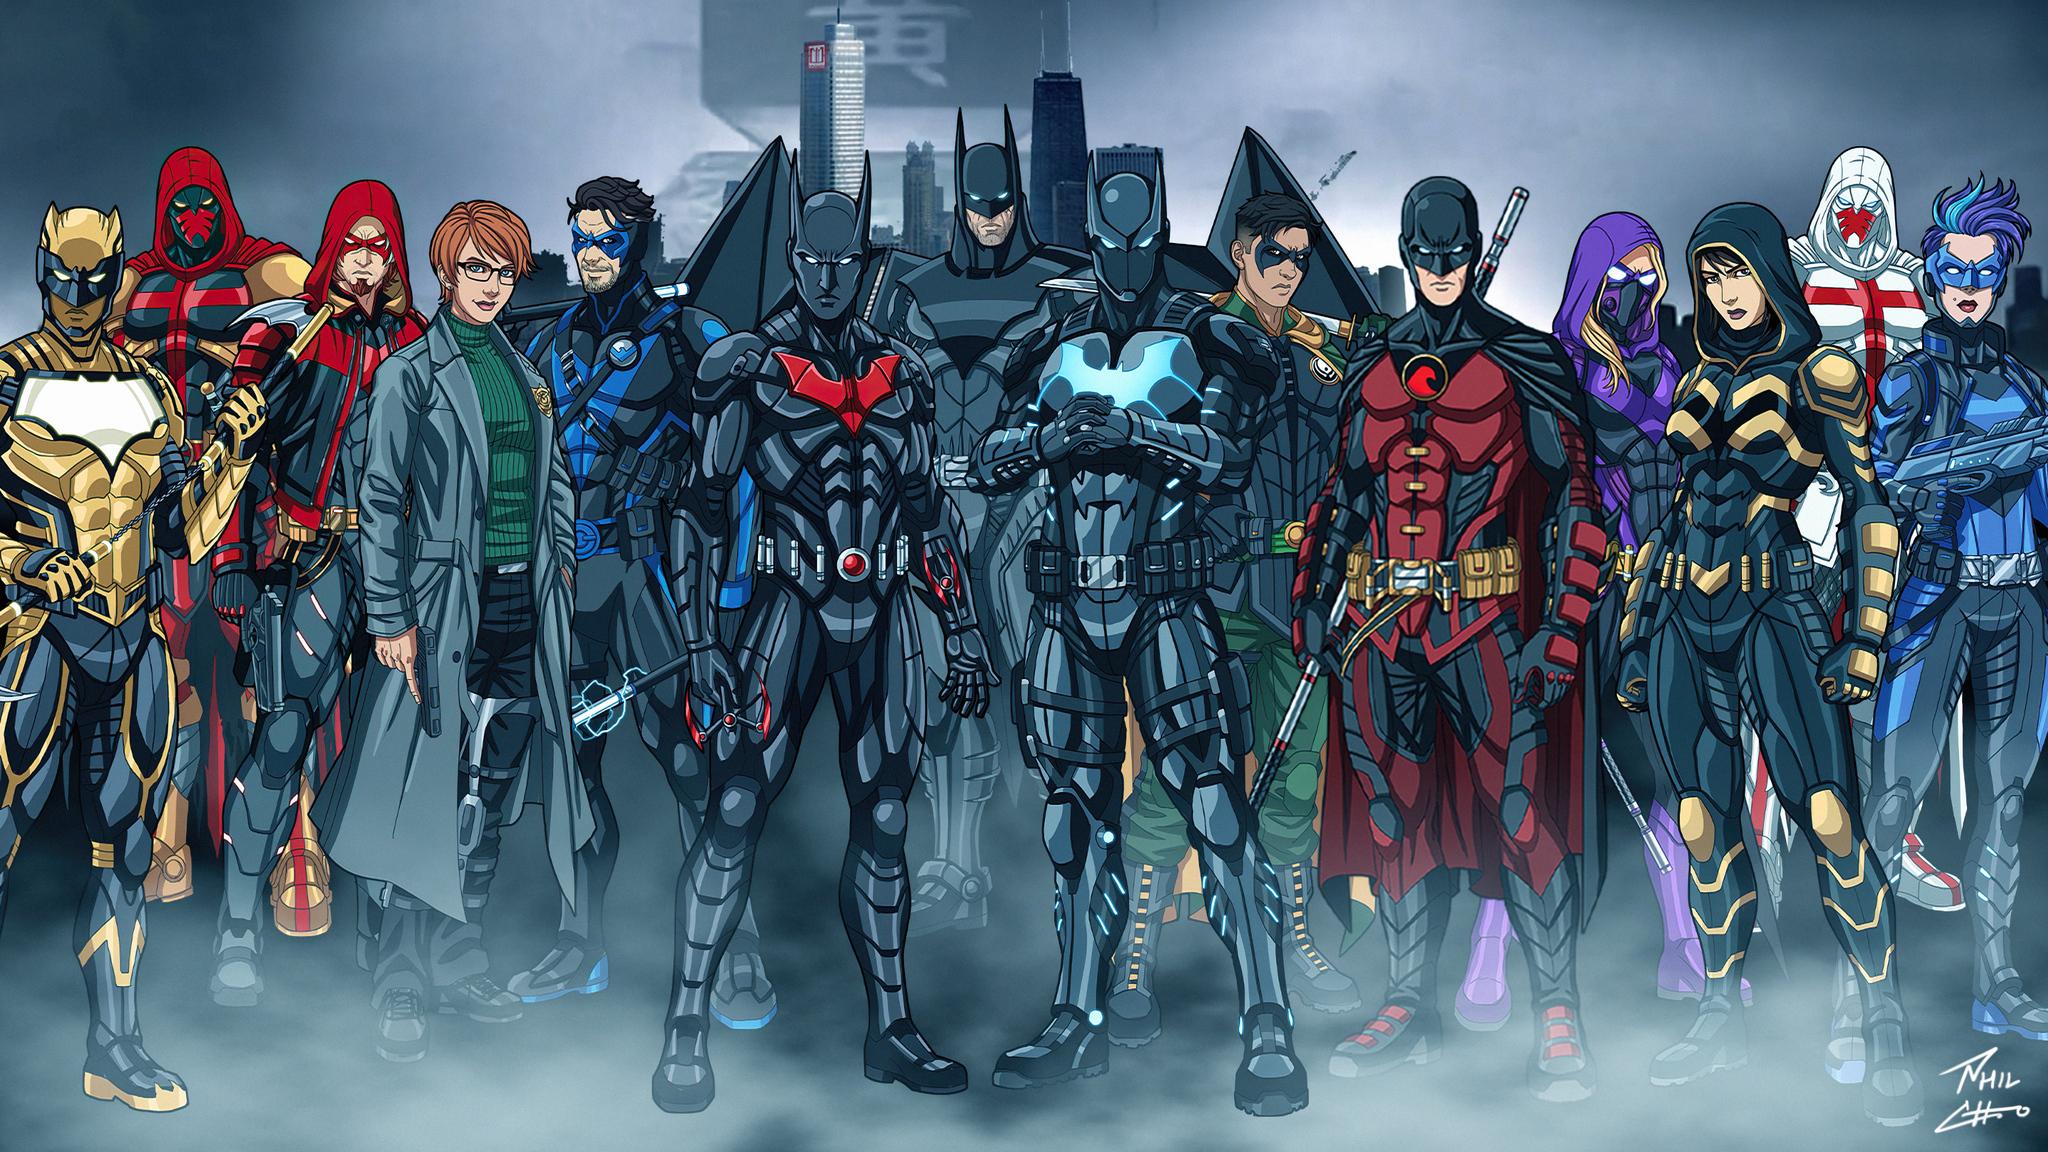 batman-beyond-the-kingdom-4k-rp.jpg